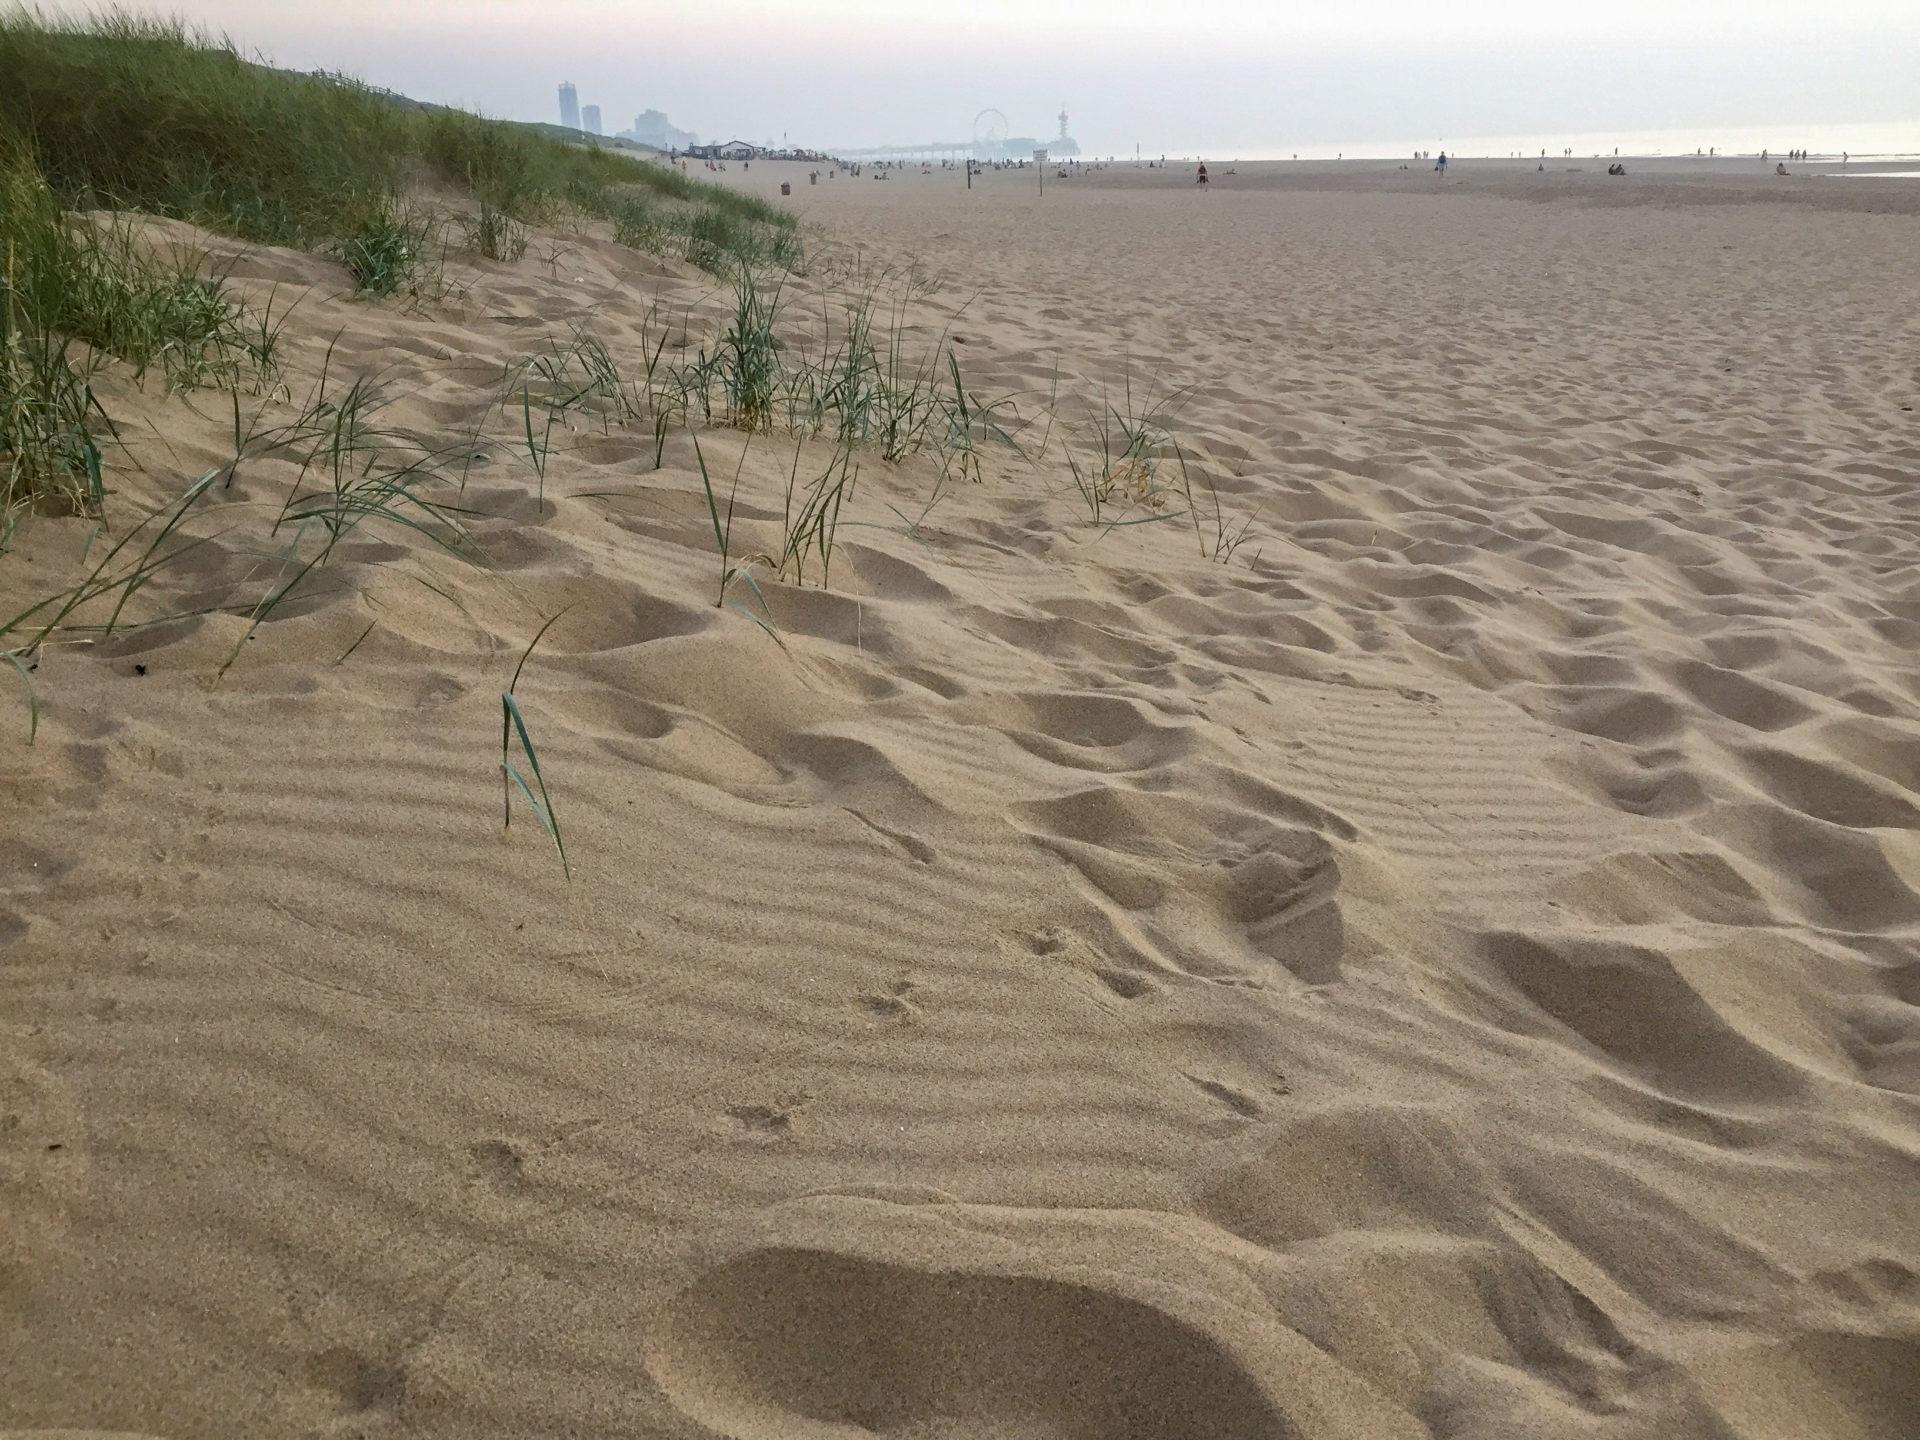 Strand im Dünengebiet Meijendel in Den Haag